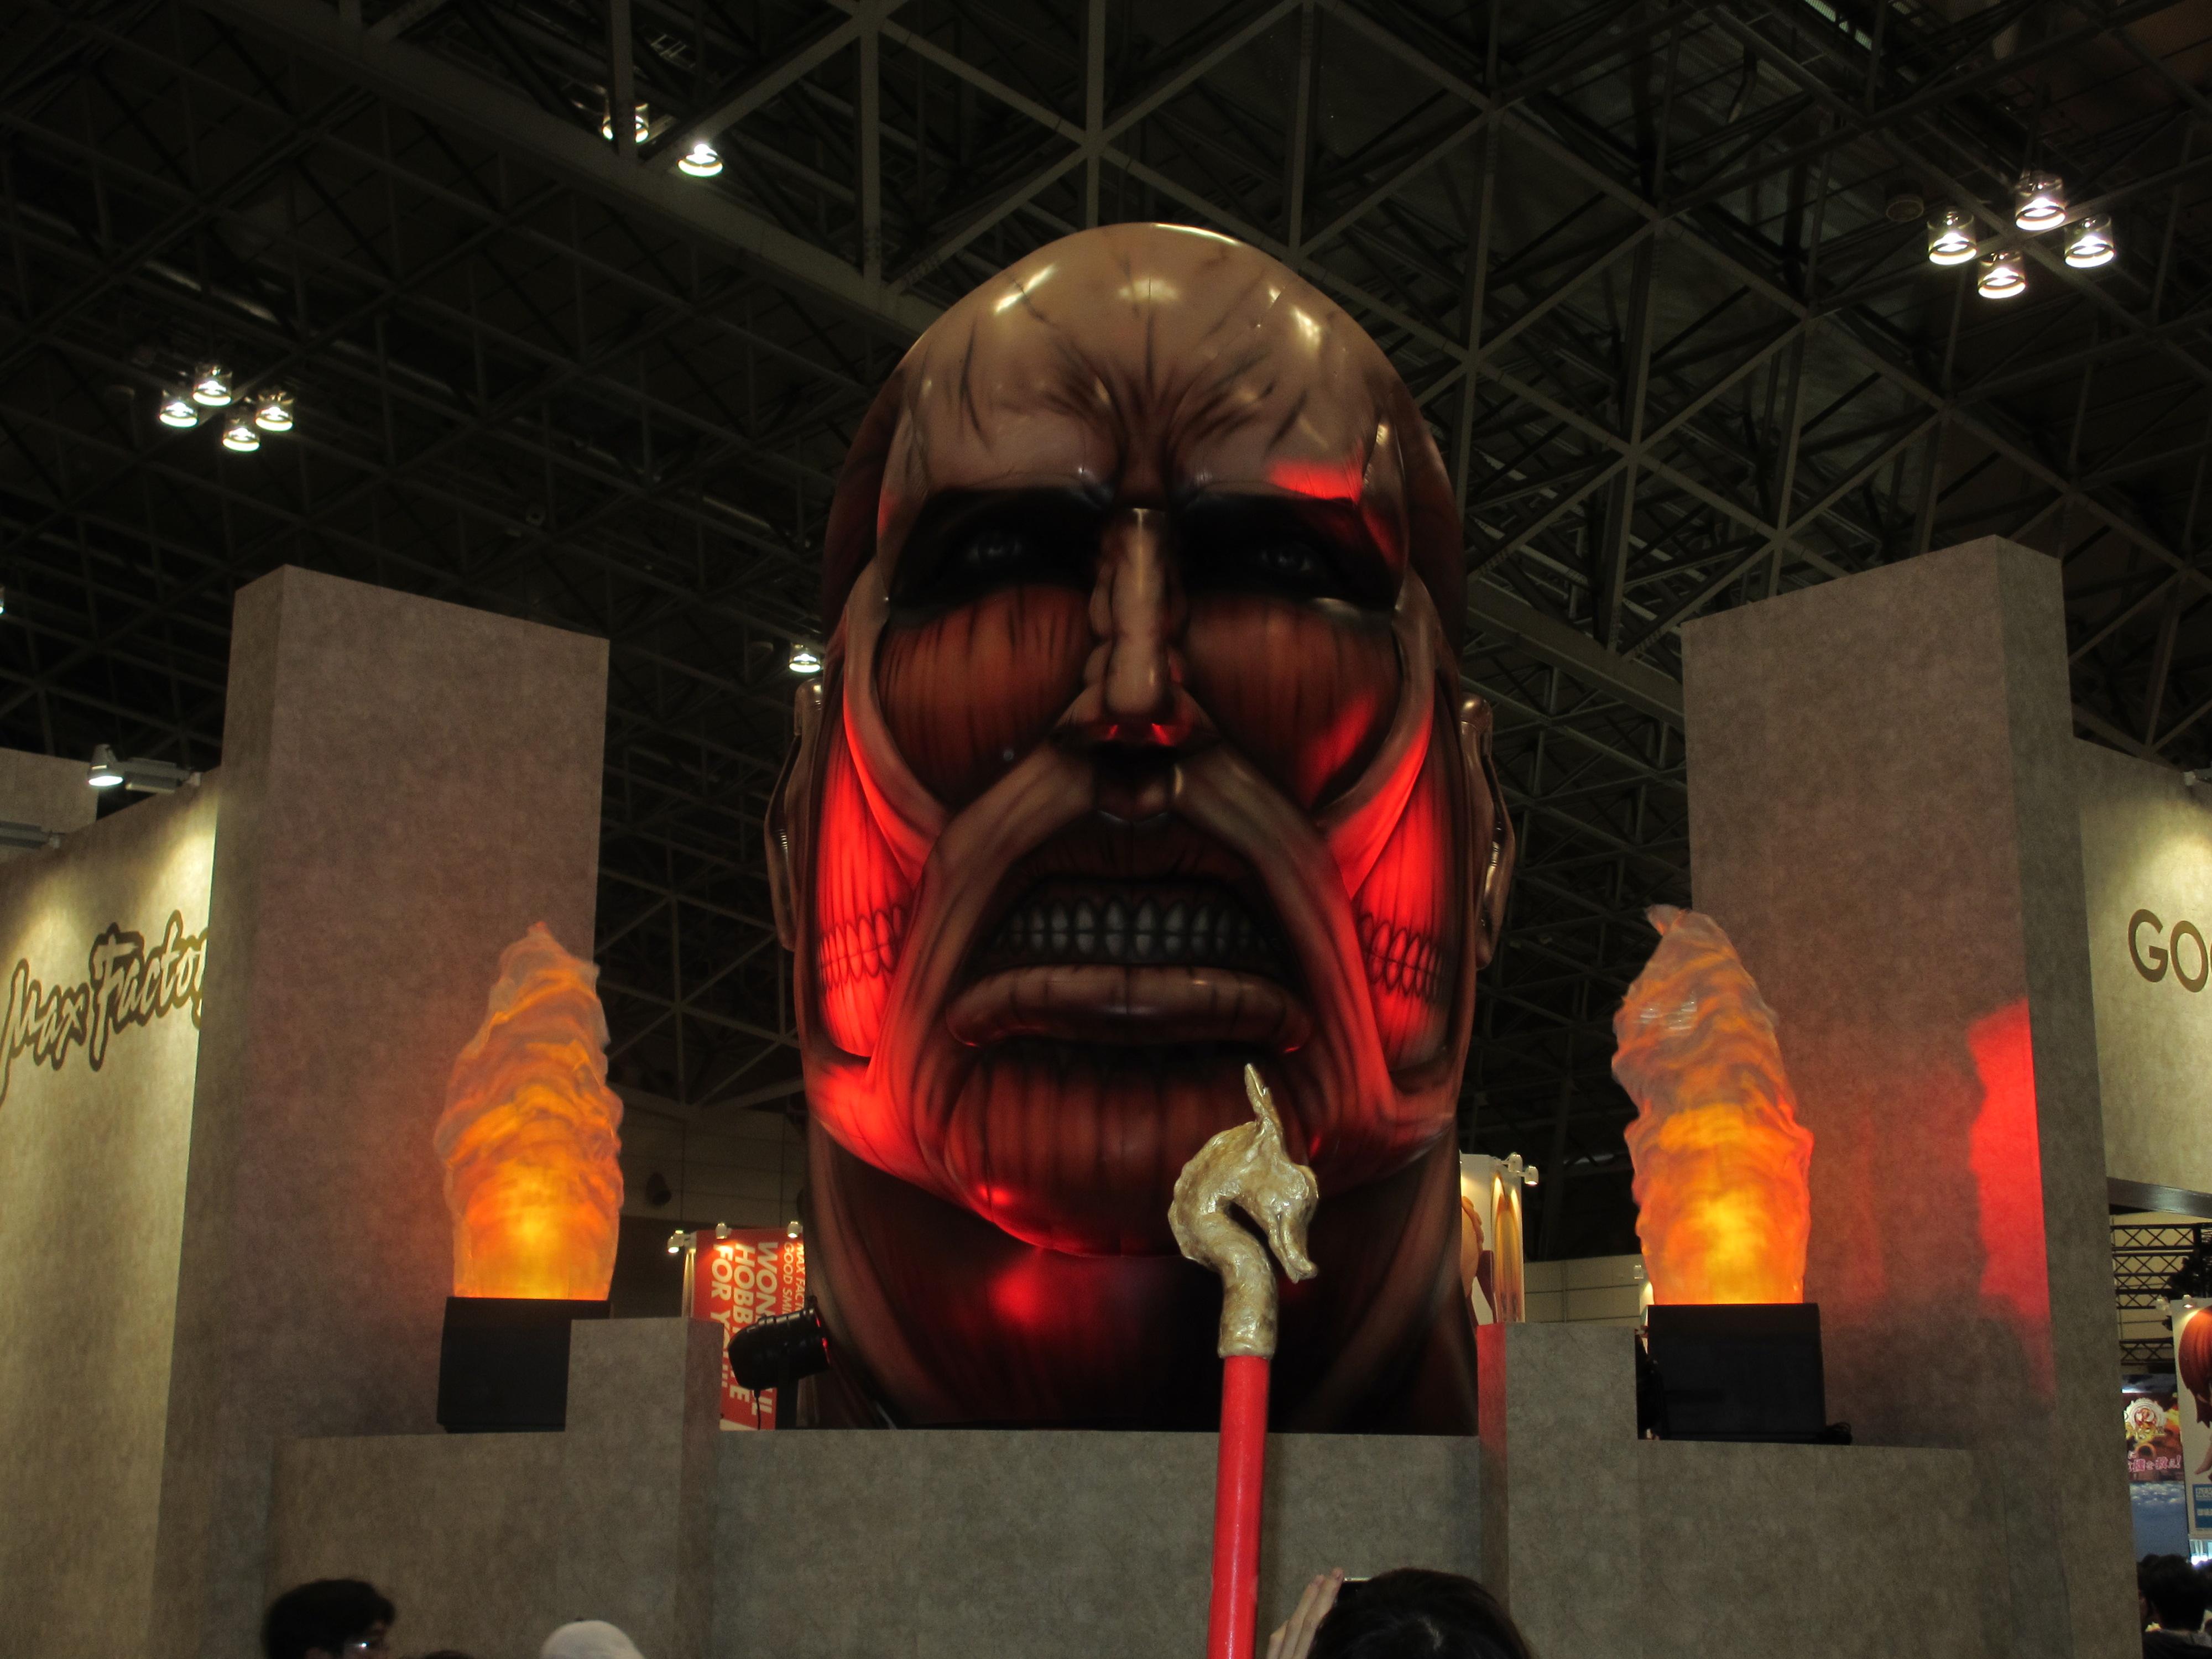 【画像レポート】進撃の巨人 グッスマブース #shingeki ワンフェス2013夏